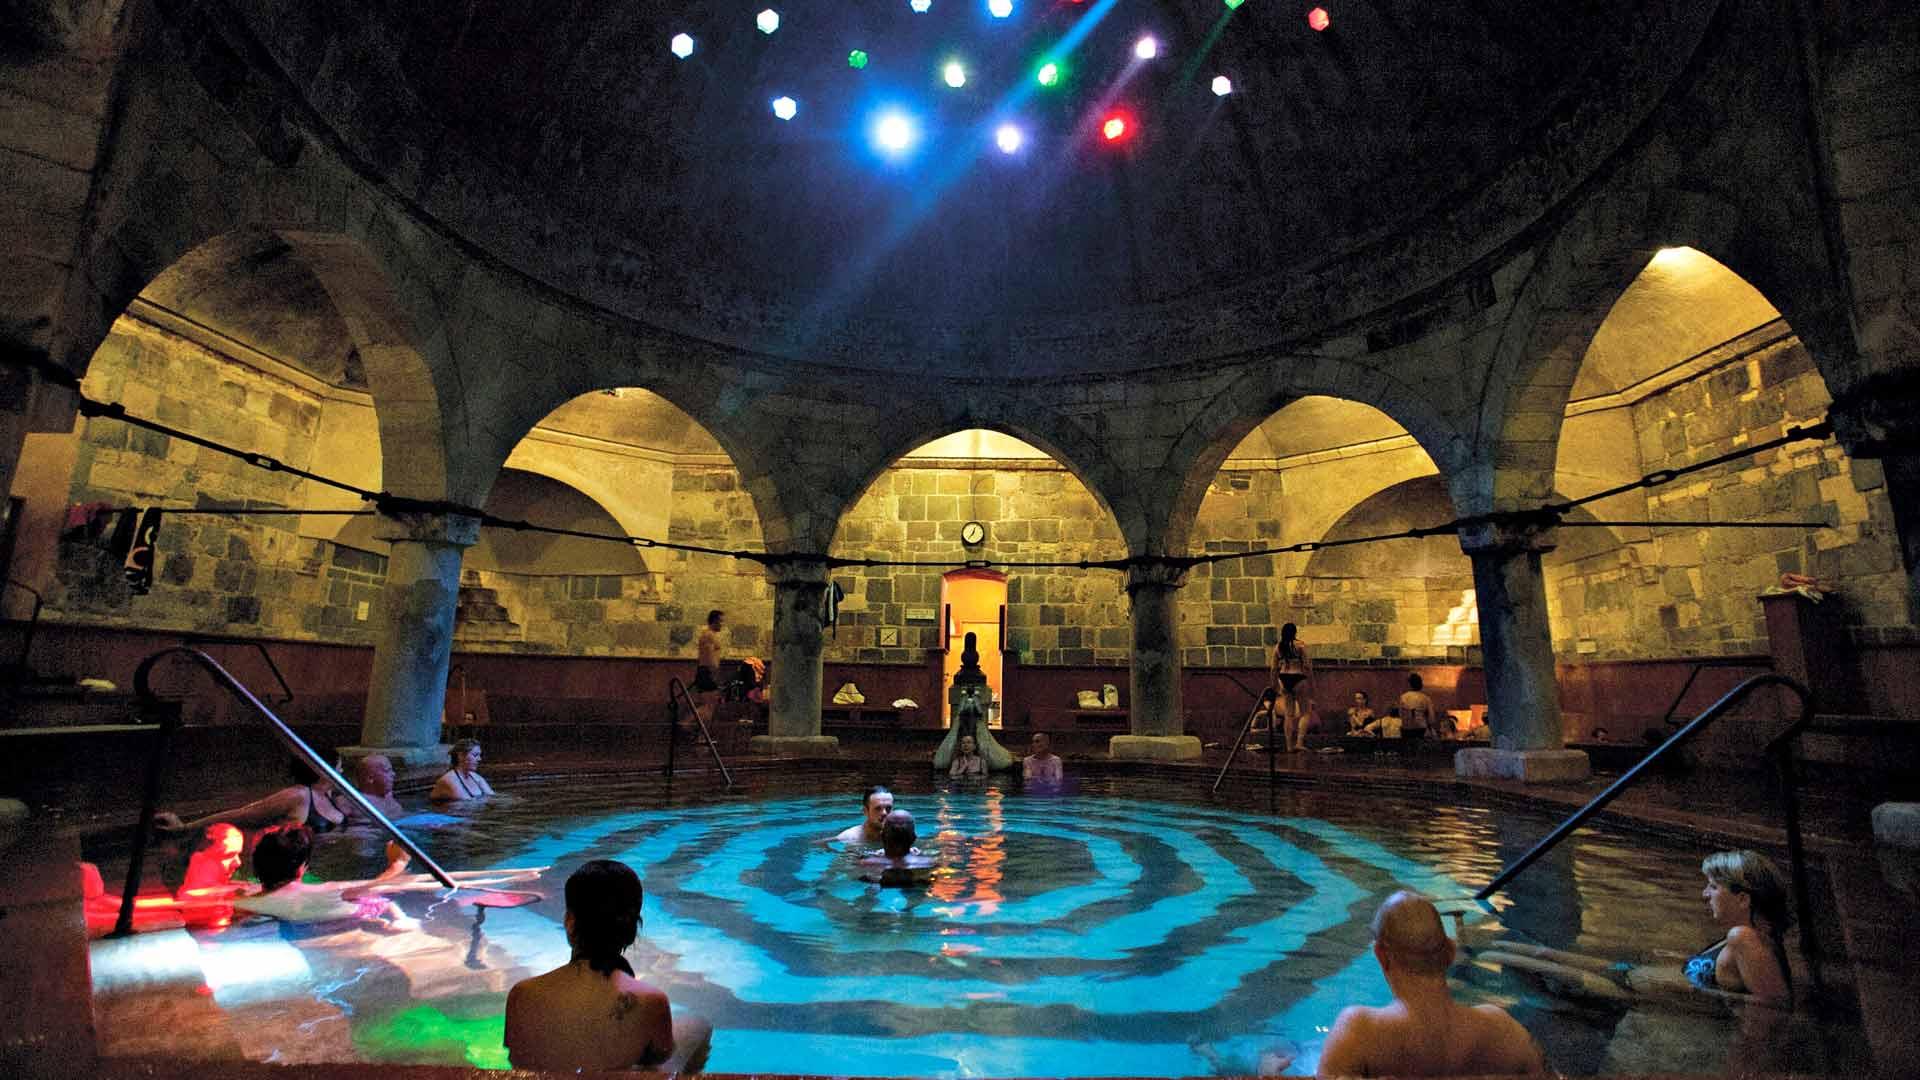 Rudas-kylpylän eksoottinen turkkilainen allas on korkean kupolin alla.